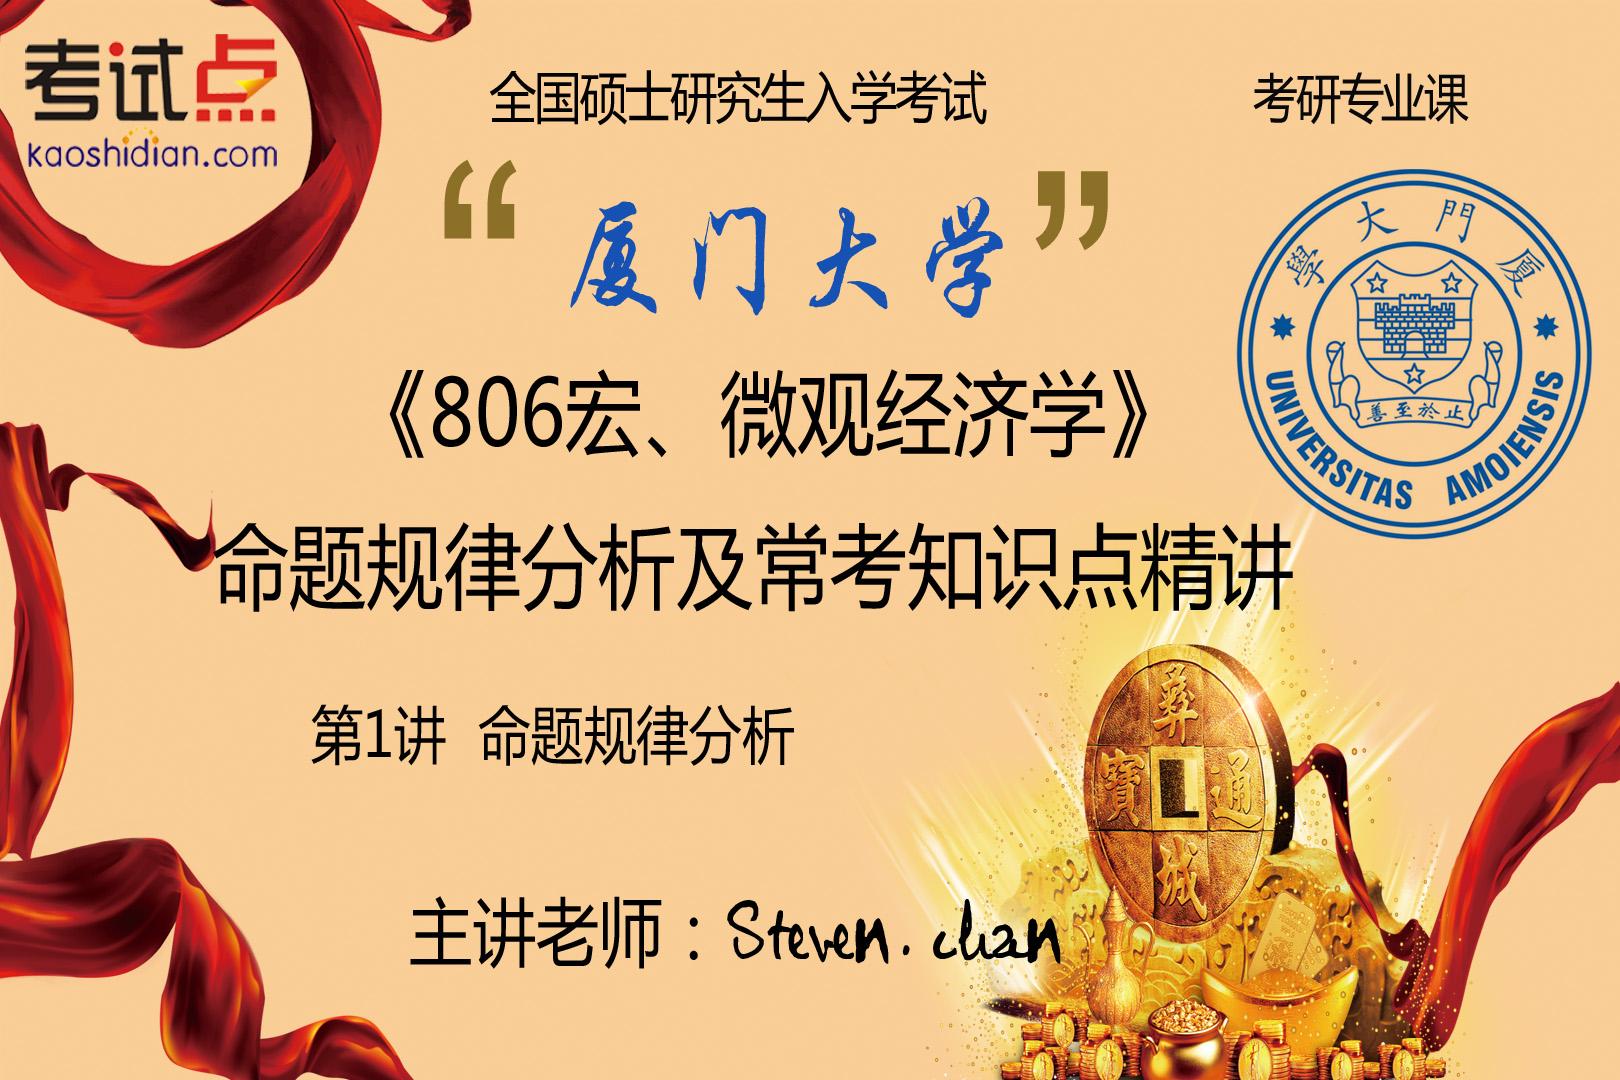 厦门大学《806宏、微观经济学》命题规律分析及常考知识点精讲